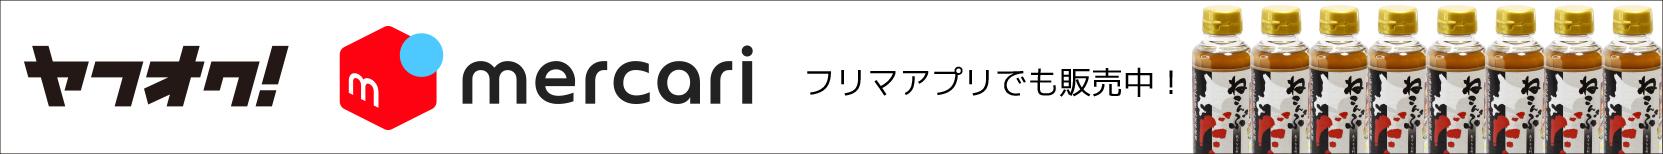 フリマアプリの広告